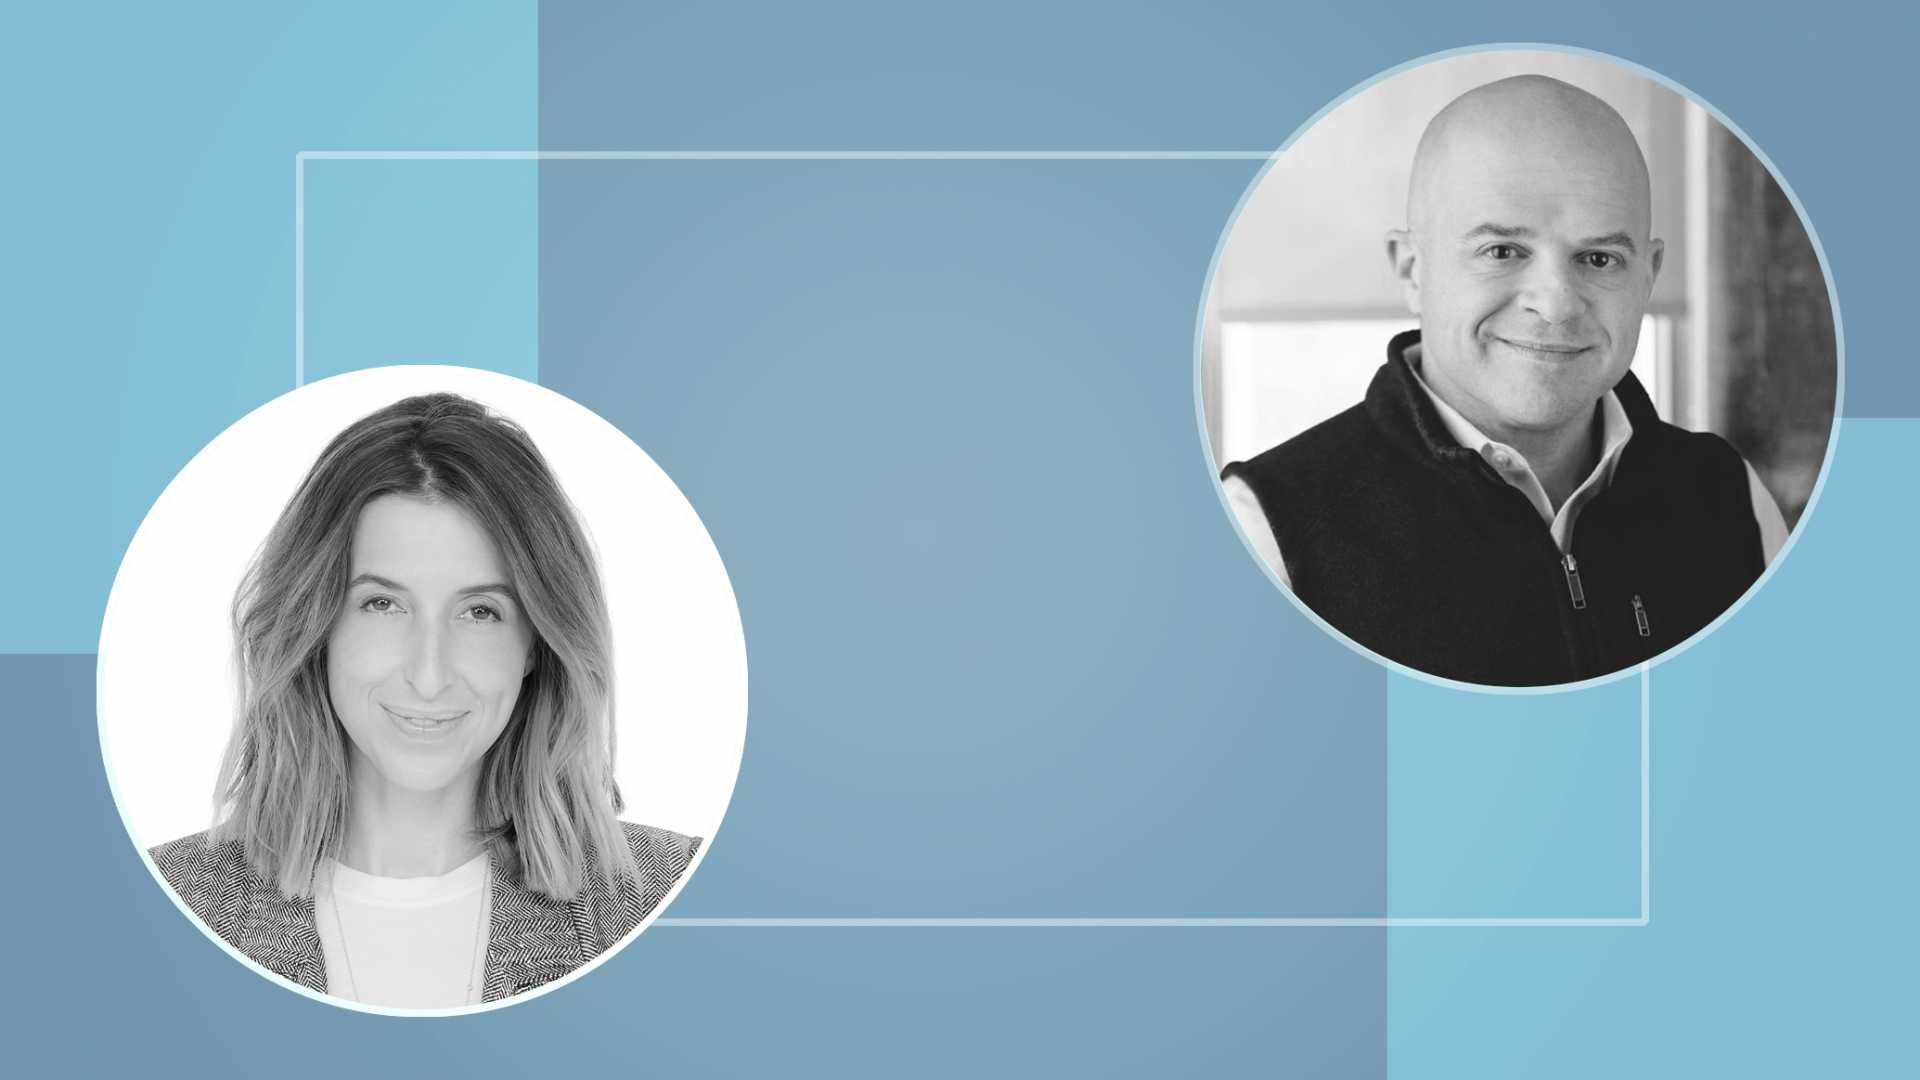 Katia Beauchamp and Jeff Lawson.